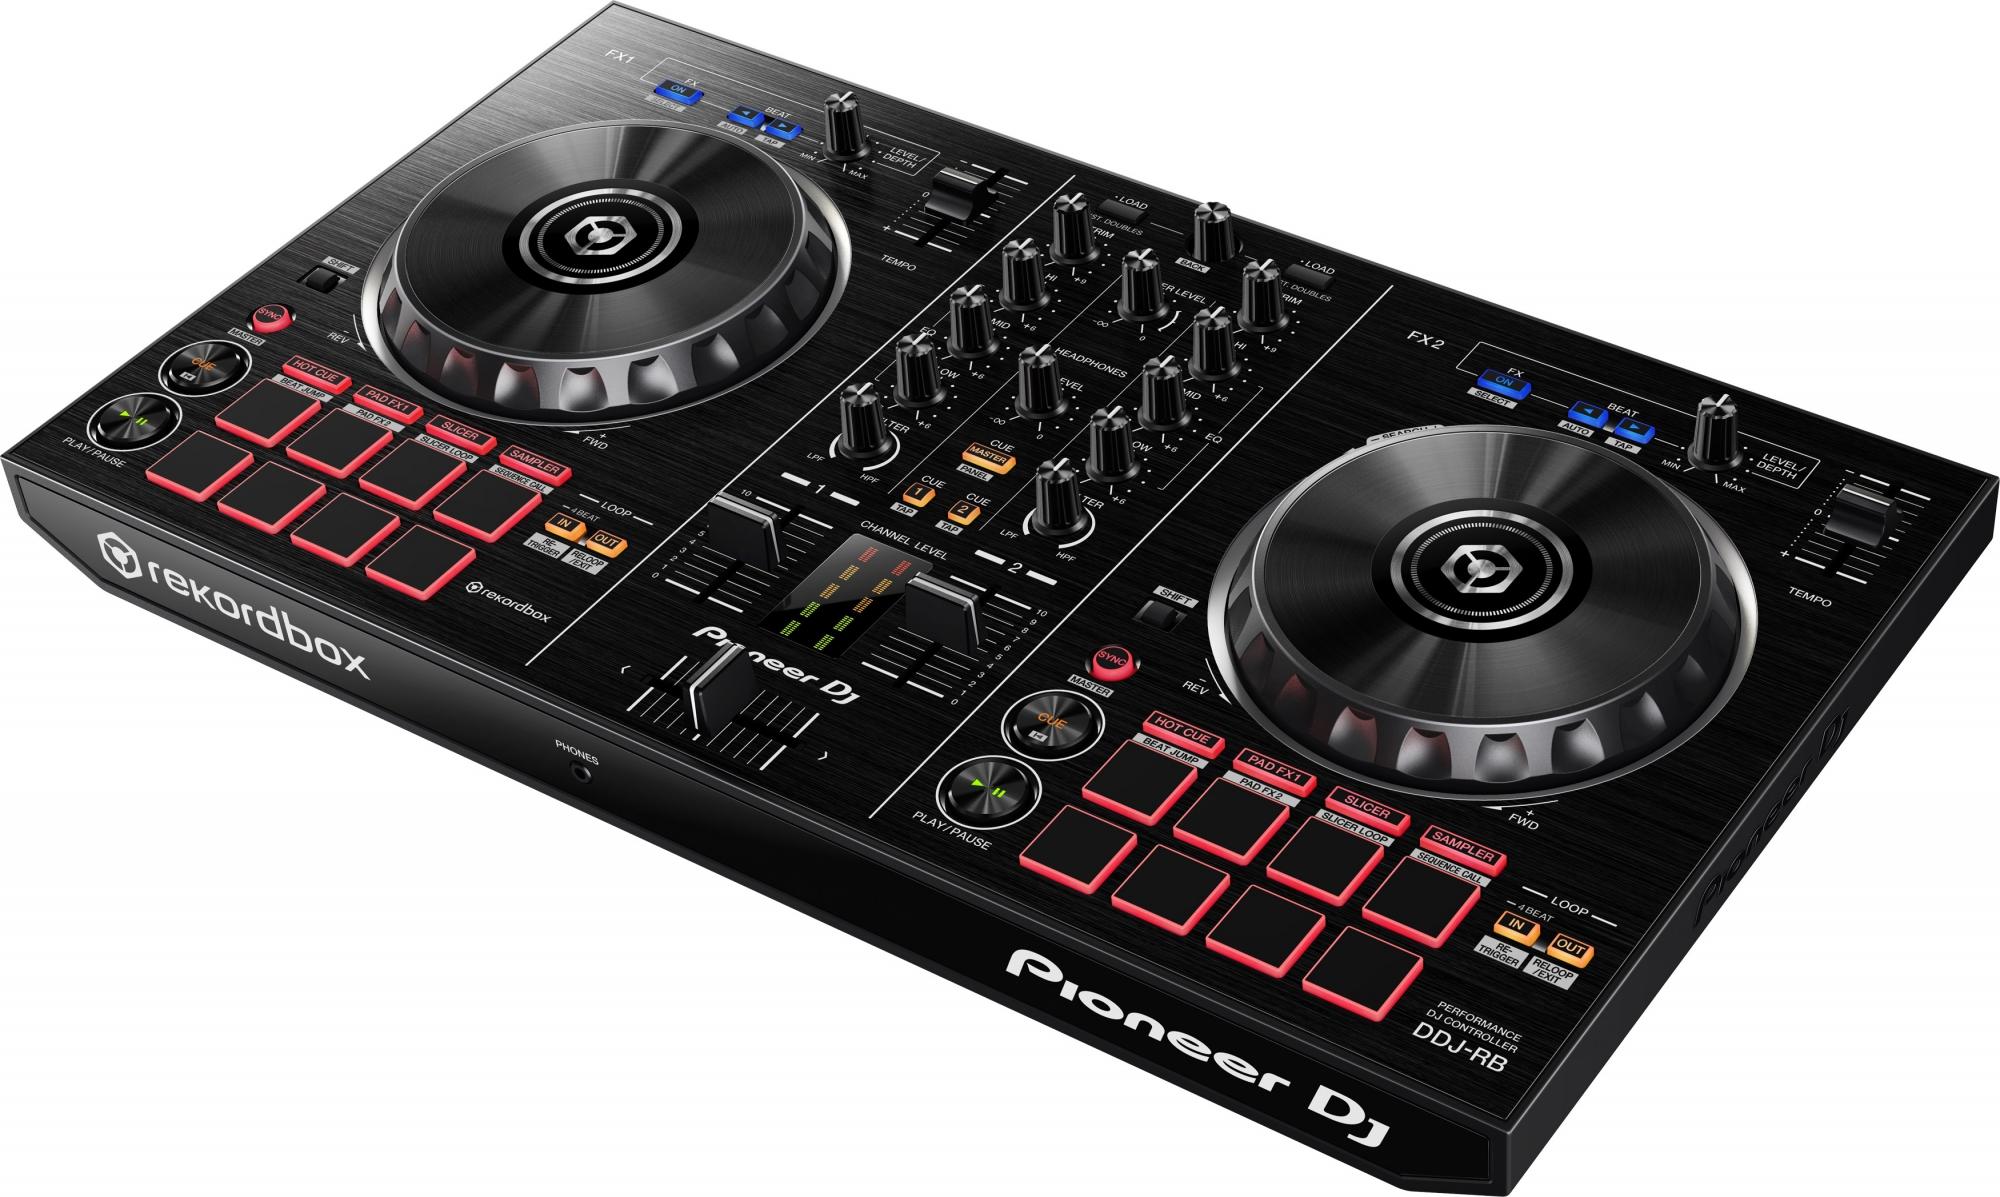 Billede af Pioneer DDJ-RB DJ controller til Rekordbox